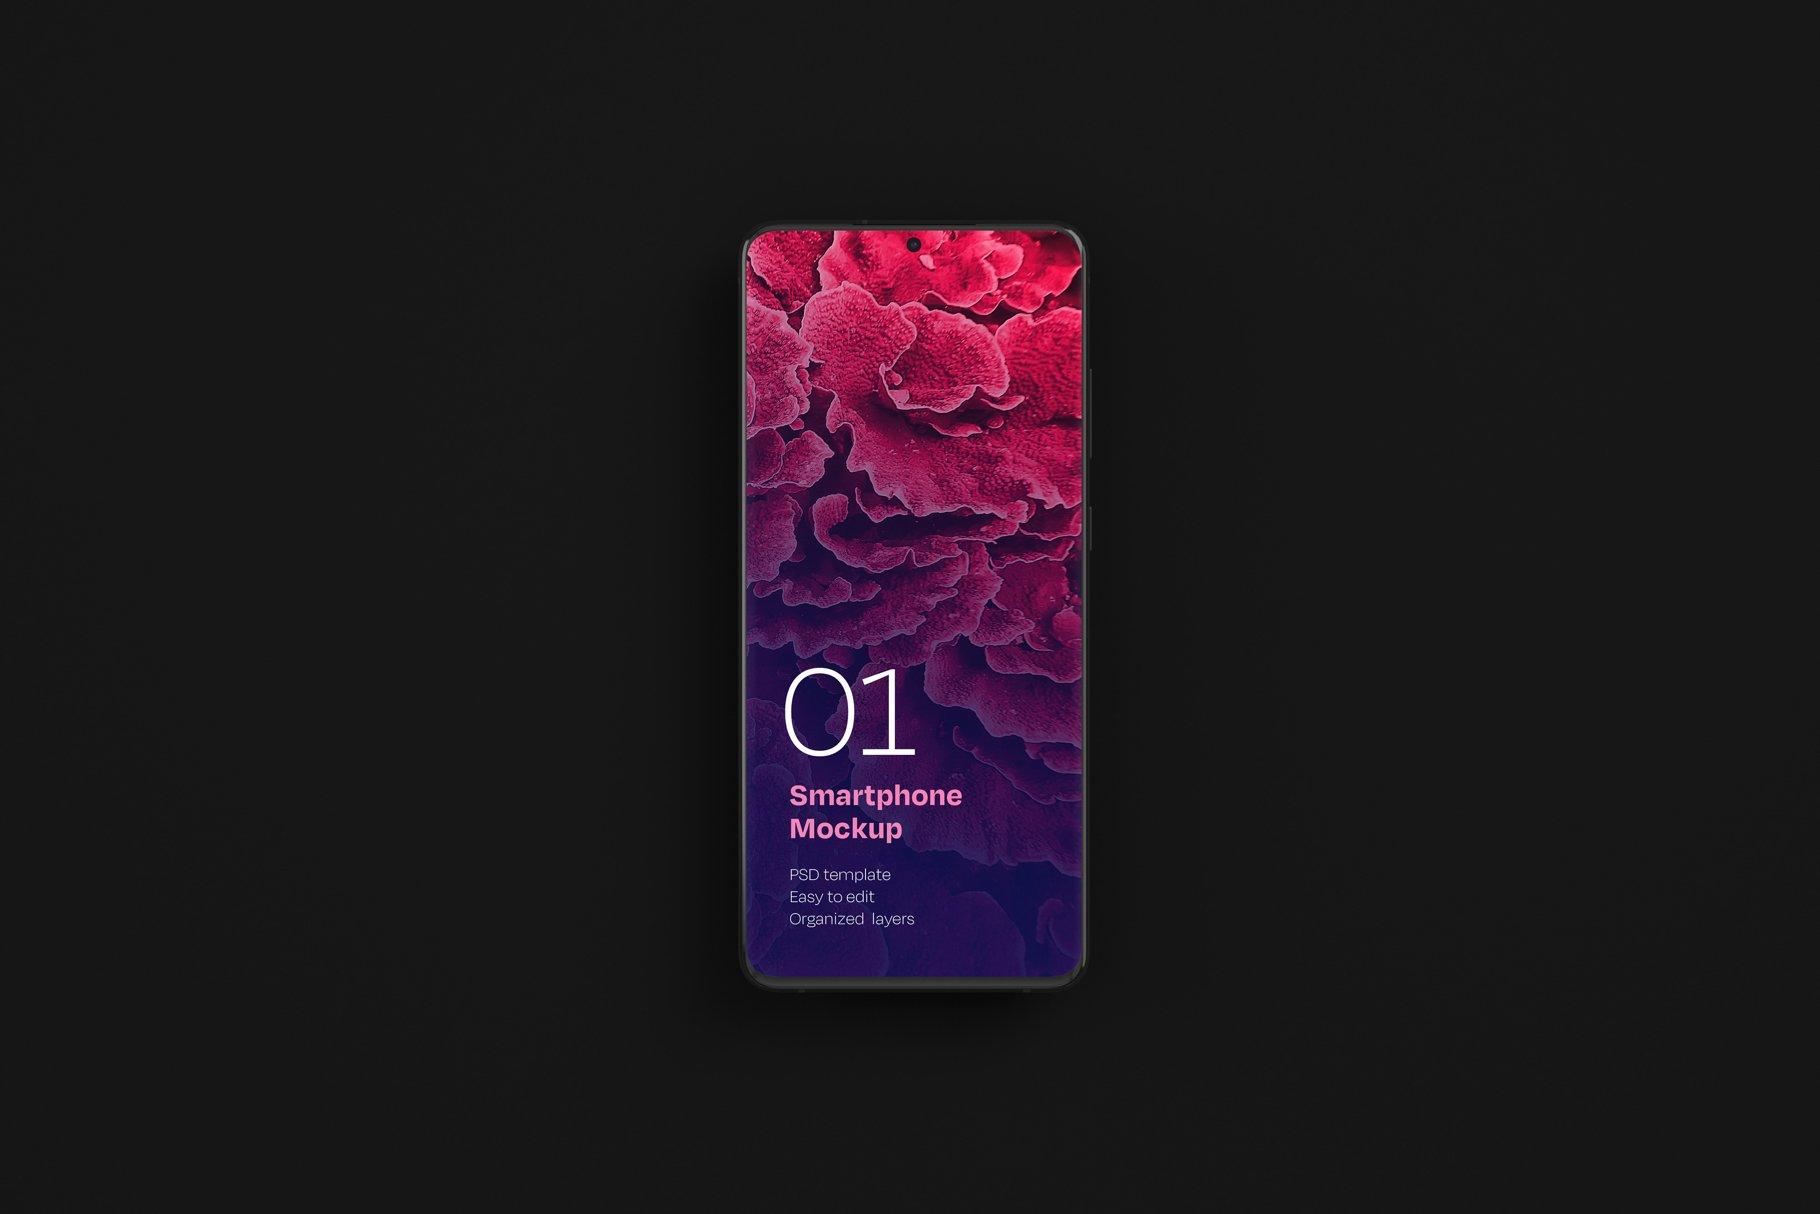 16款应用APP设计三星Galaxy S20手机屏幕演示样机 Galaxy S20 Ultra Device Mockup插图(15)